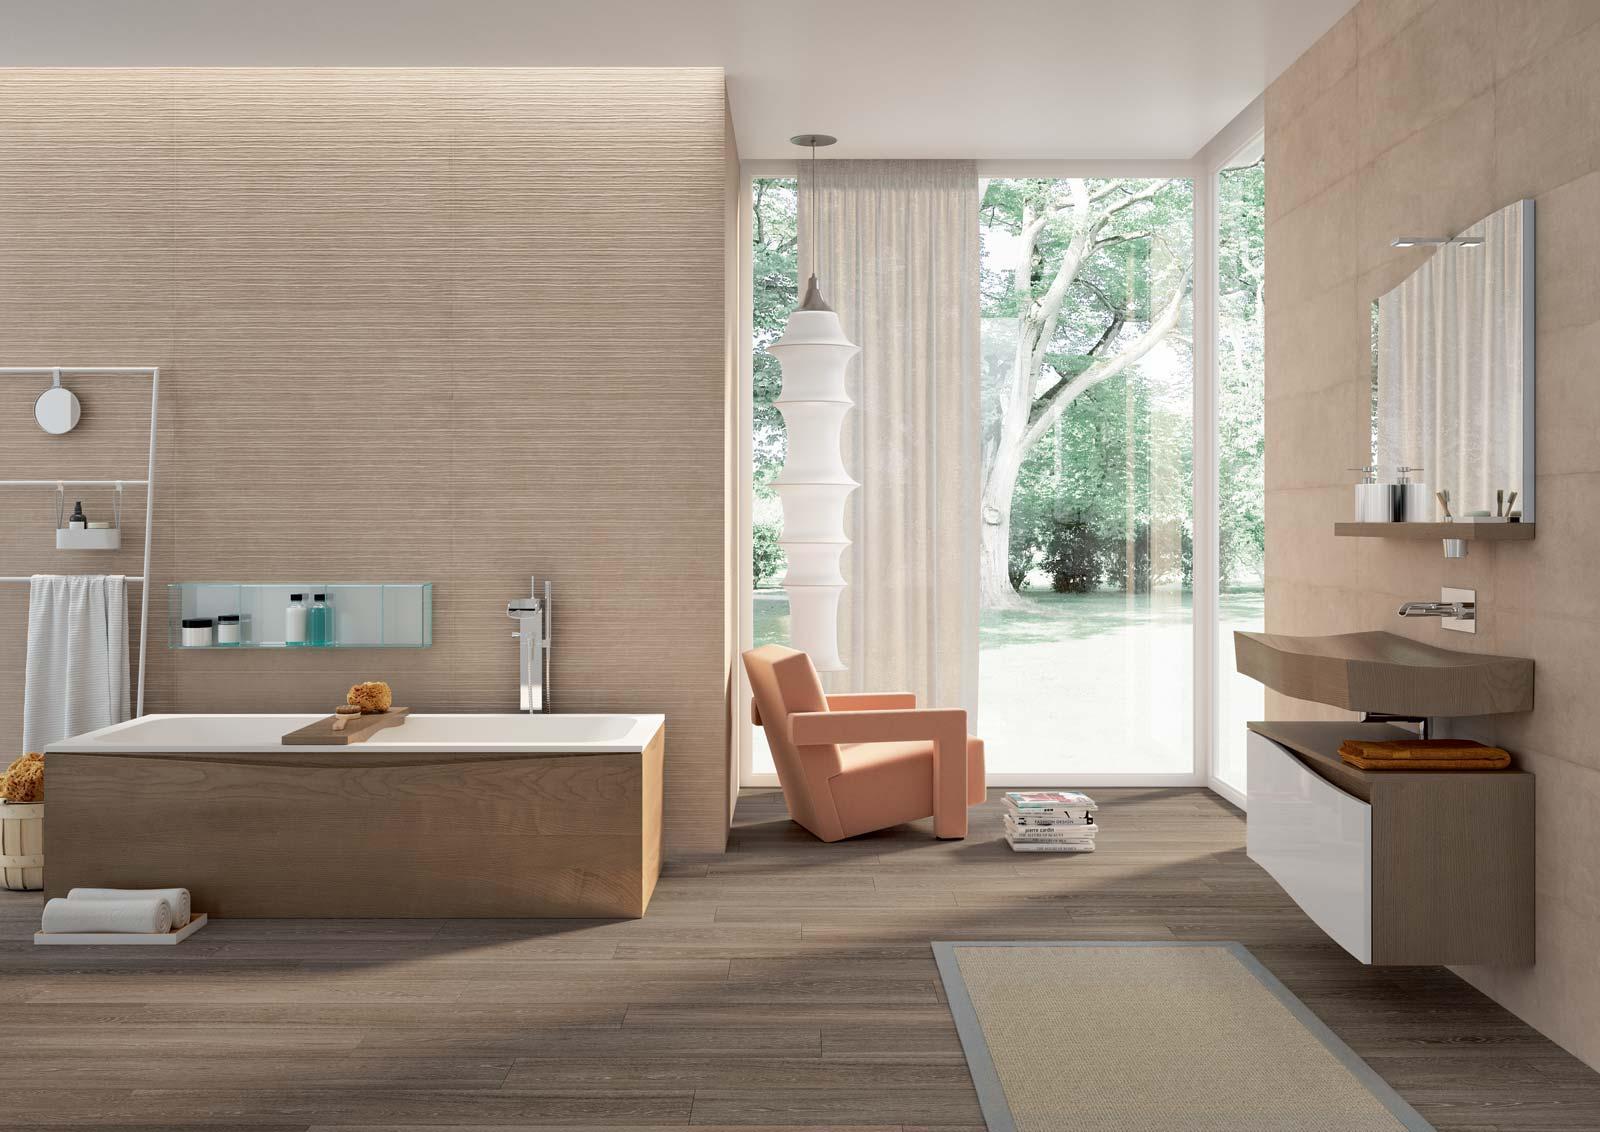 Colore Fughe Piastrelle Beige idee rivestimento bagno: fresco & fabric by marazzi – garbi